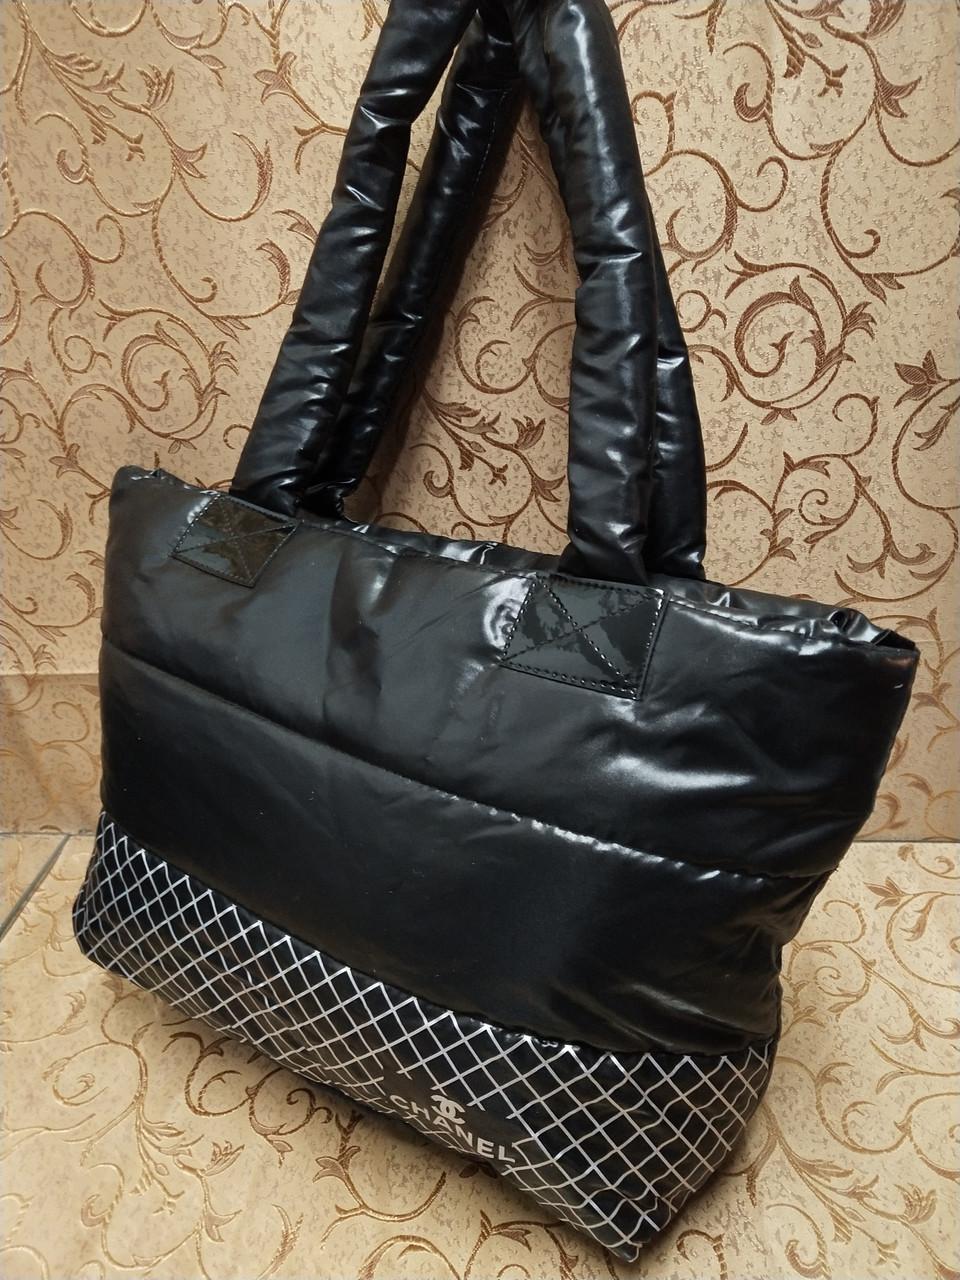 РАСПРОДАЖА Спортивная сумка Хлопок Женские спортивная сумка(только оптом)Сумка  стильный дутики, фото 00911b398f4